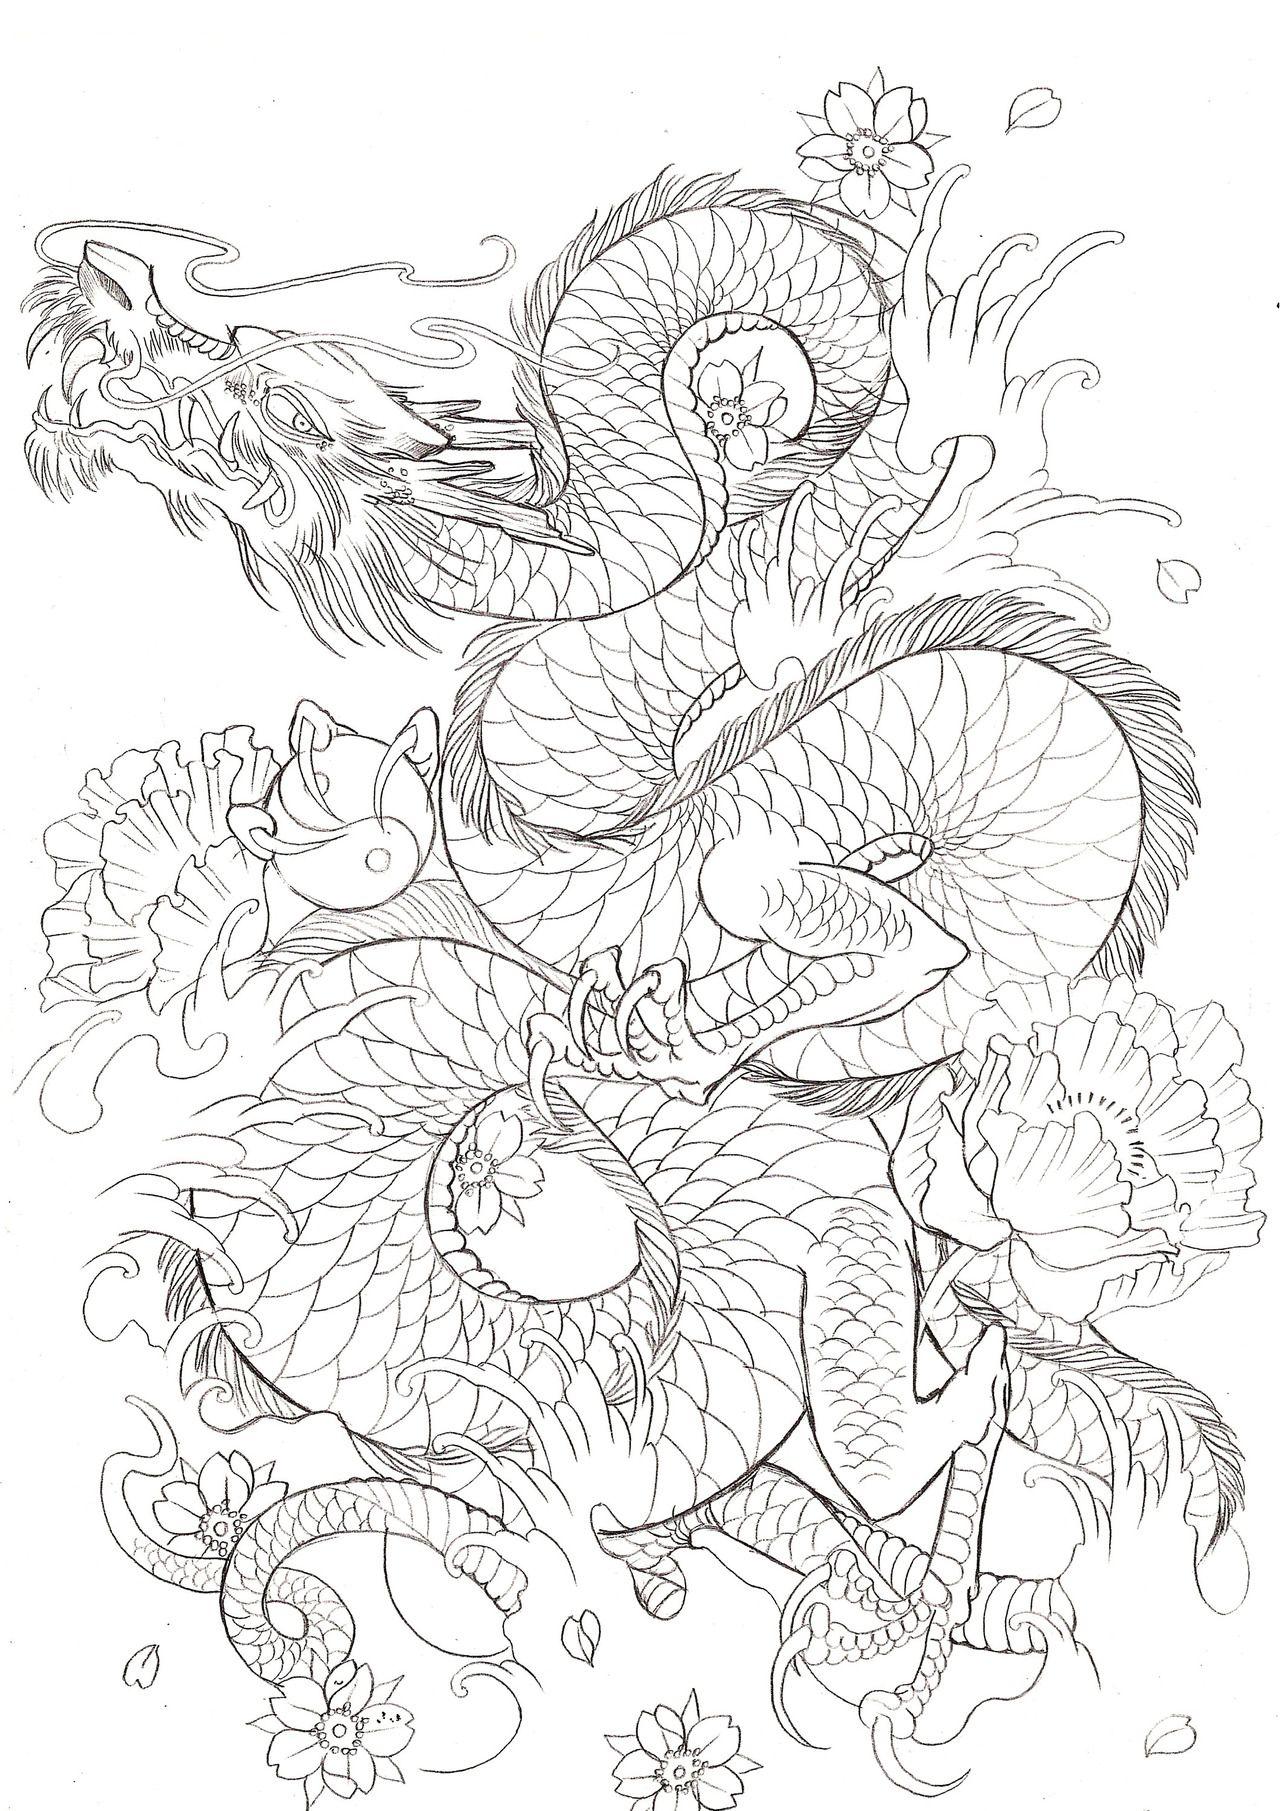 japanische drachen zum ausmalen